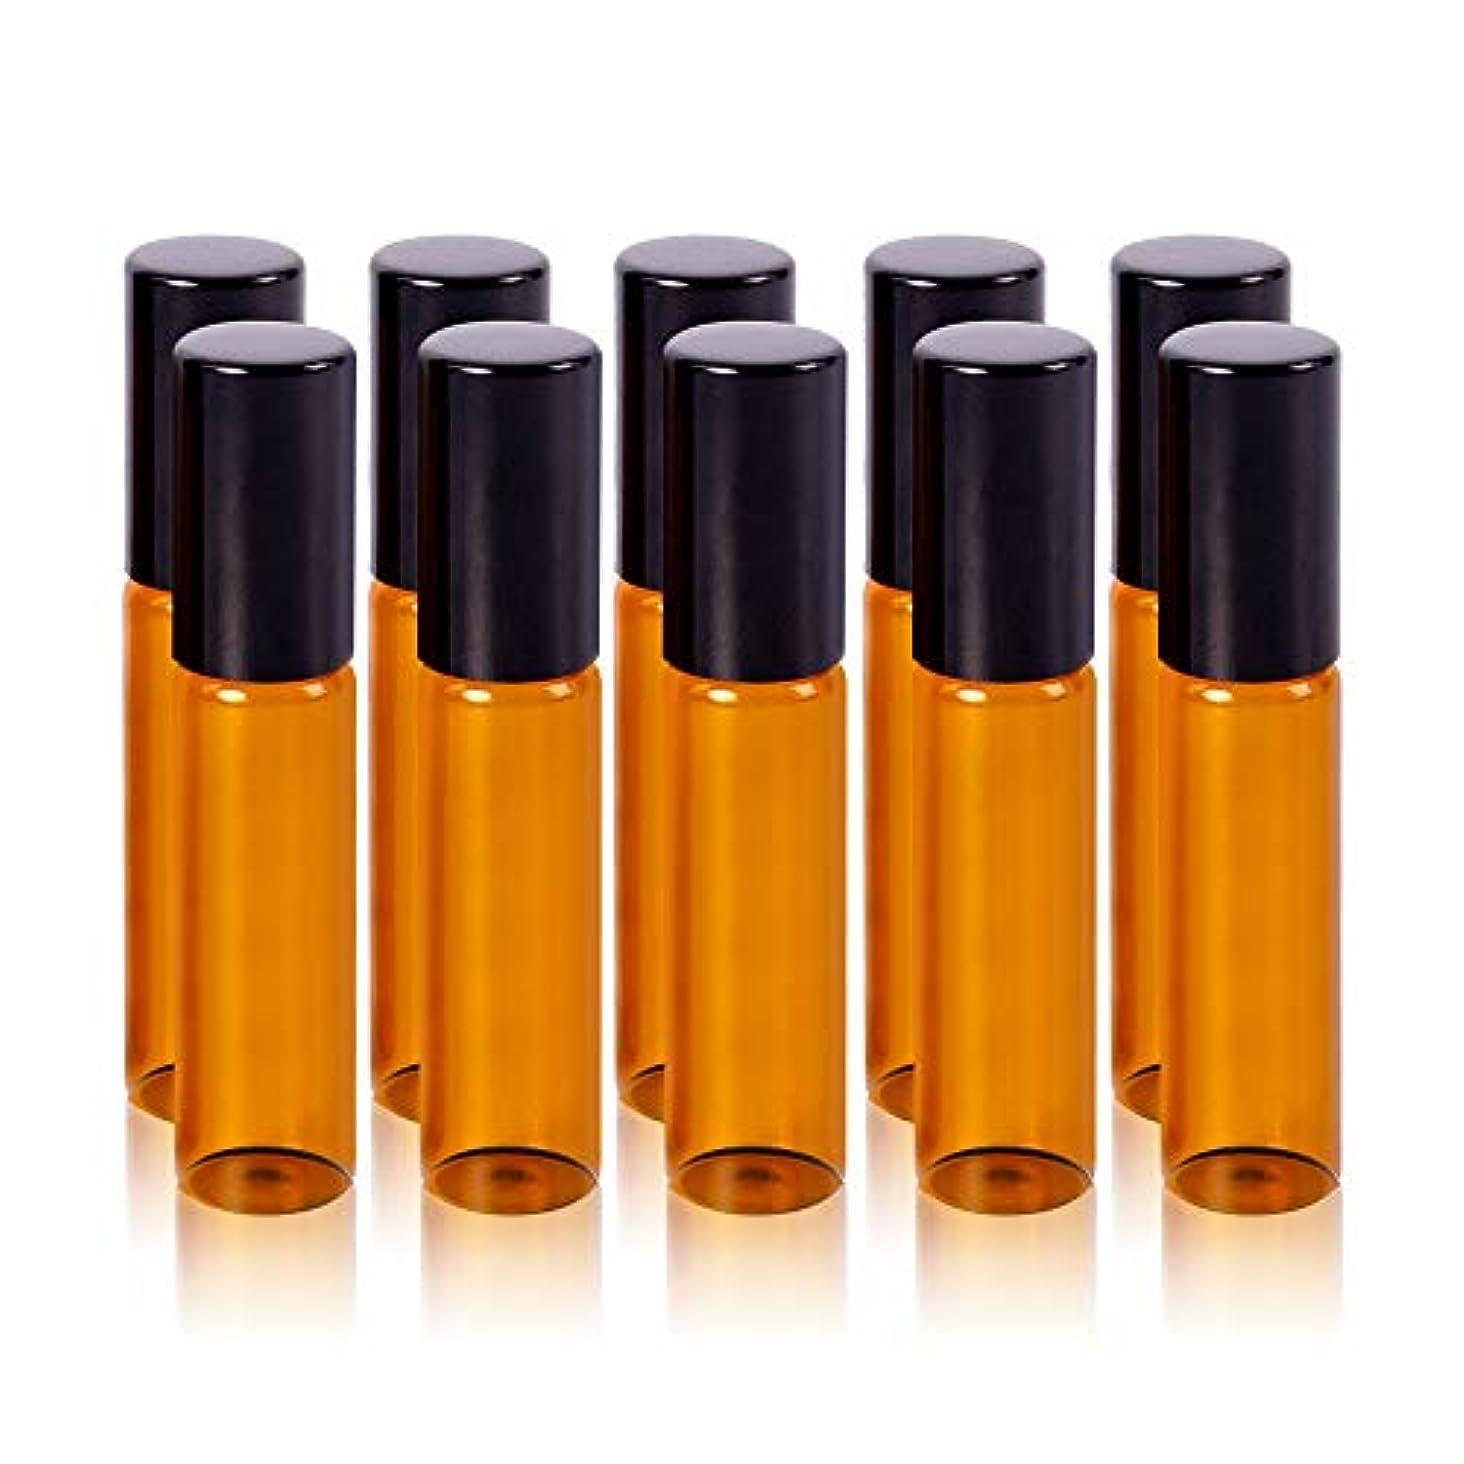 人工第二にギャラリーアロマオイル 精油 小分け用 遮光瓶 10本セット (5ml)